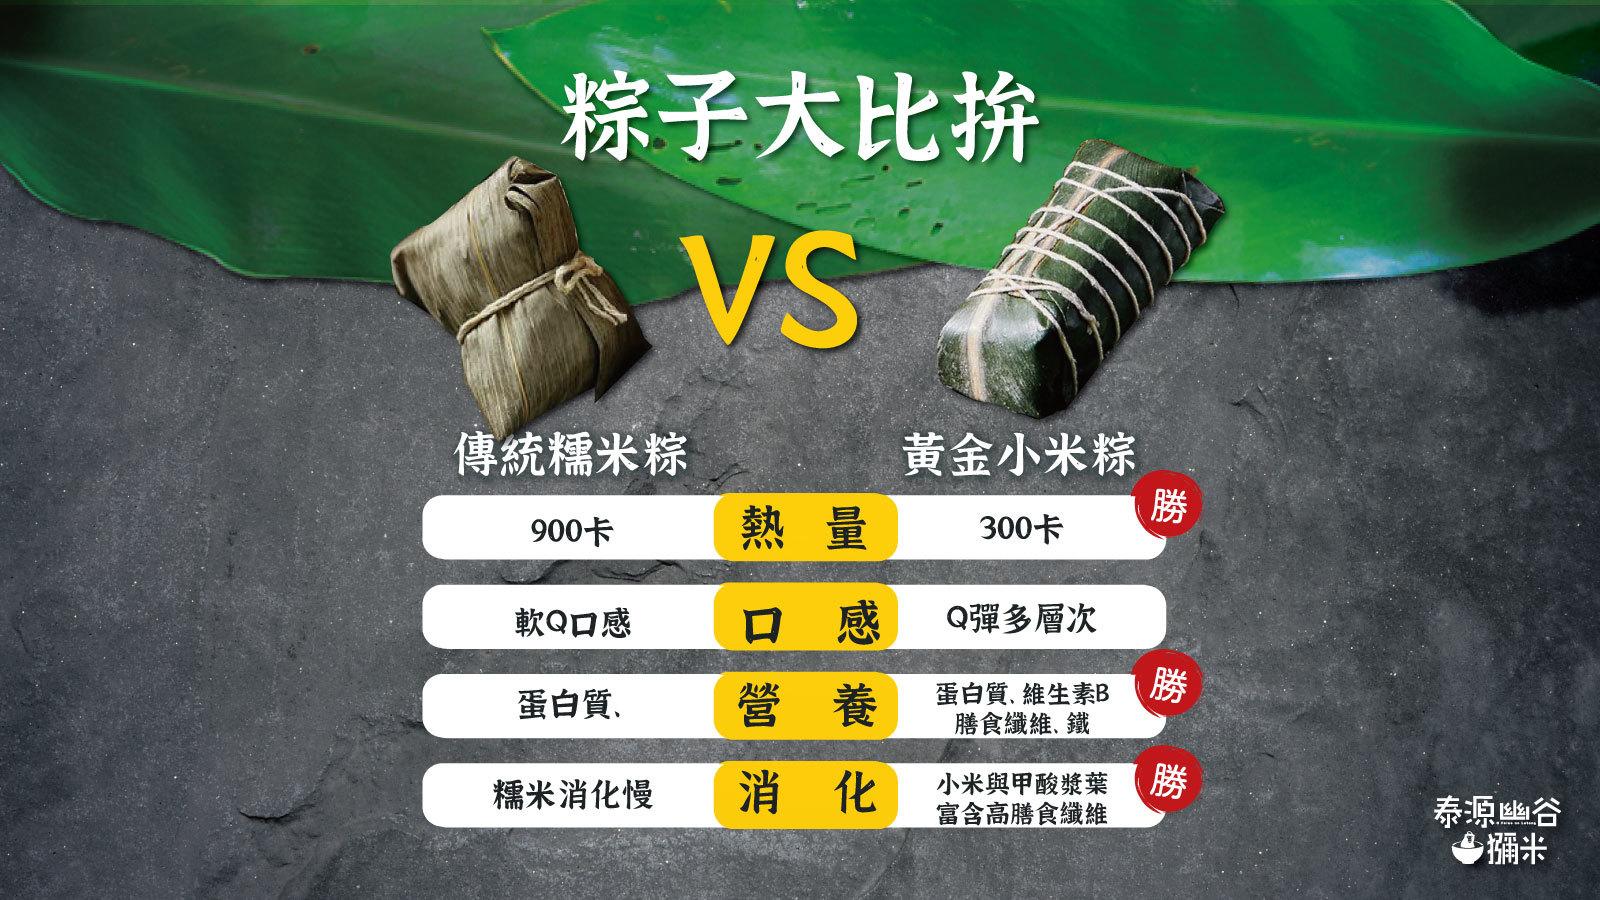 泰源幽谷獼米小米粽與傳統糯米粽的比較整理表格